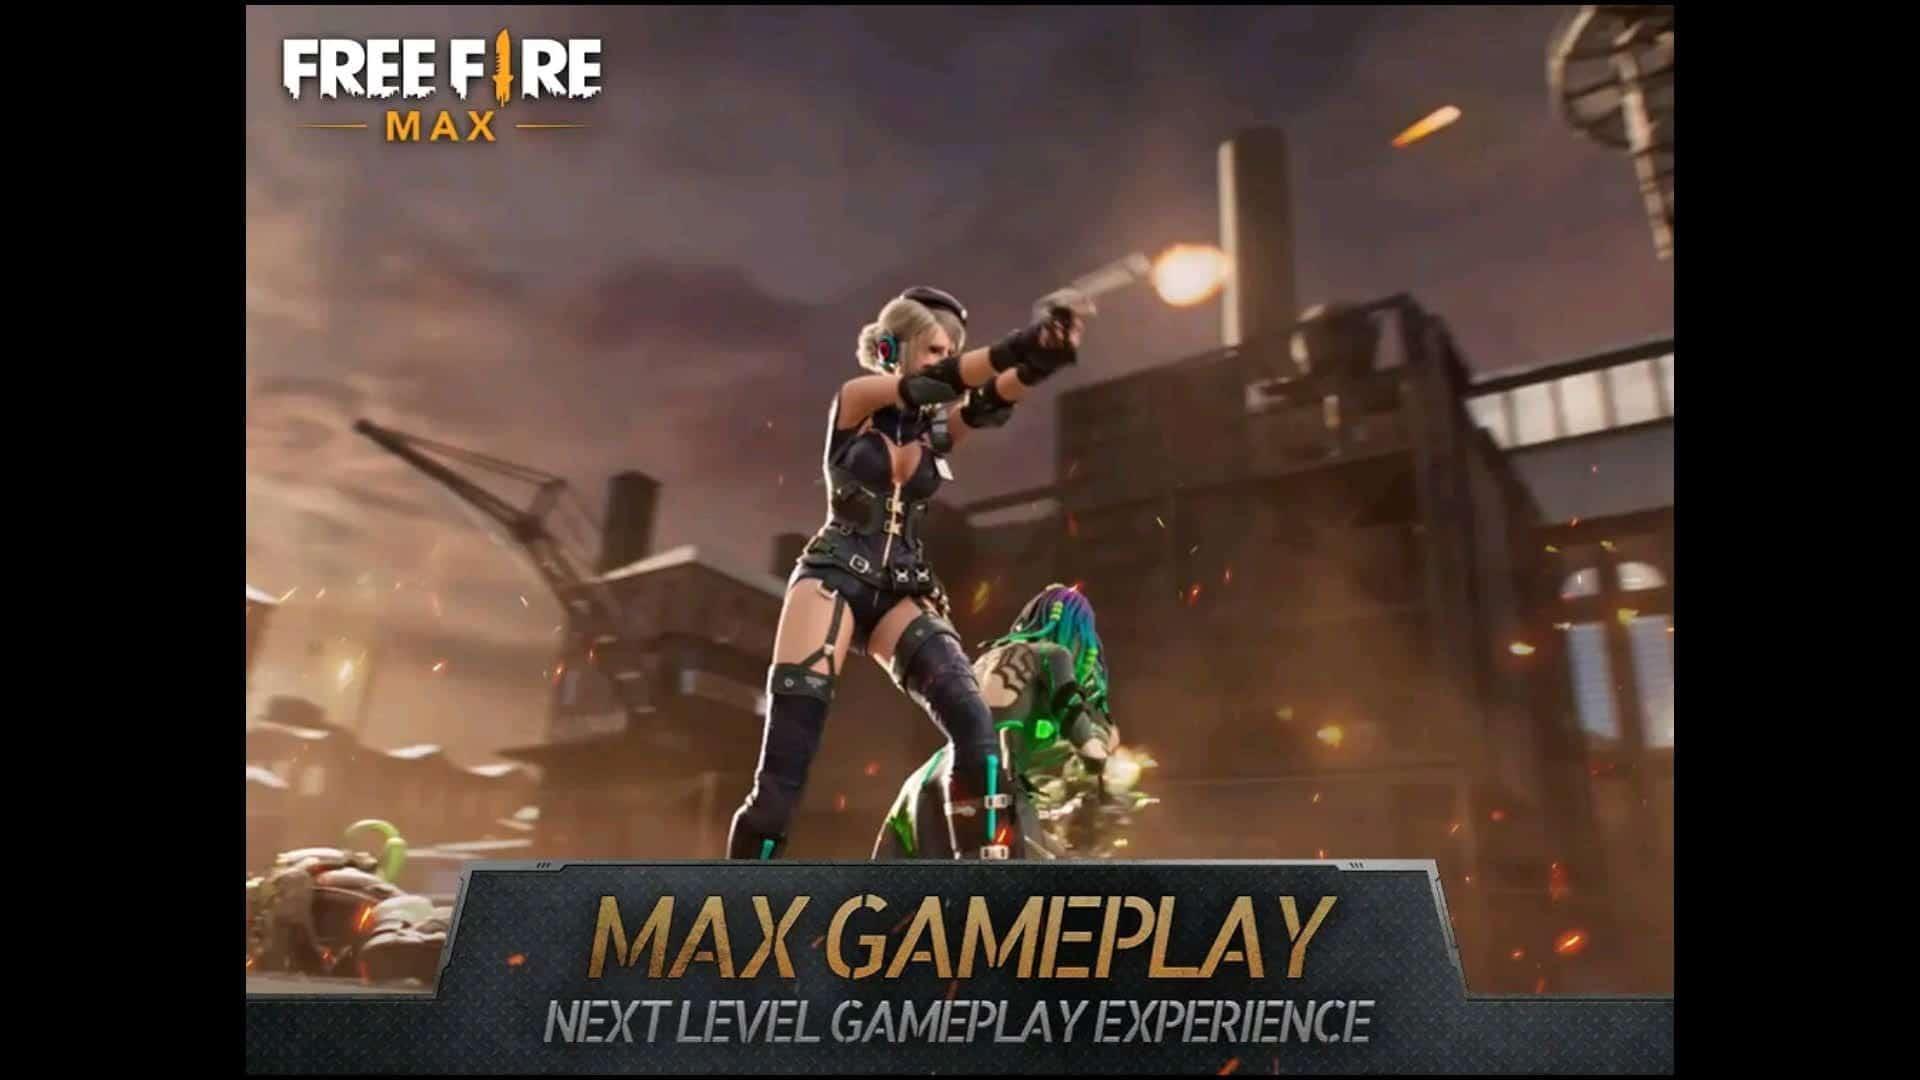 free-fire-max-imagens-googleplay-4 Free Fire Max é lançado na Bolívia, Vietnã e Malásia (Acesso Antecipado)